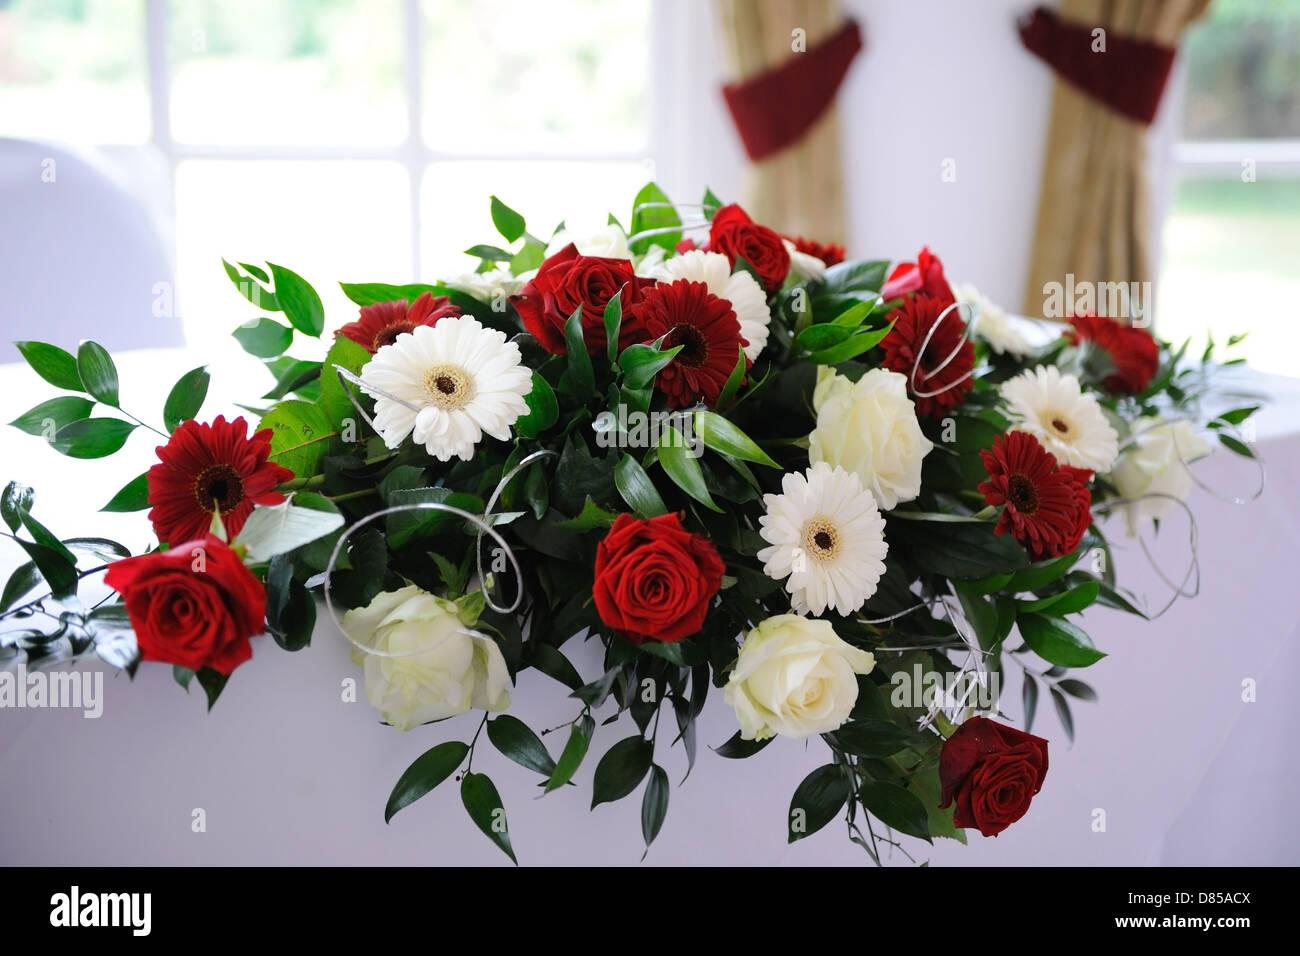 Rote Rosen Schmucken Tisch Bei Hochzeit Stockfoto Bild 56666314